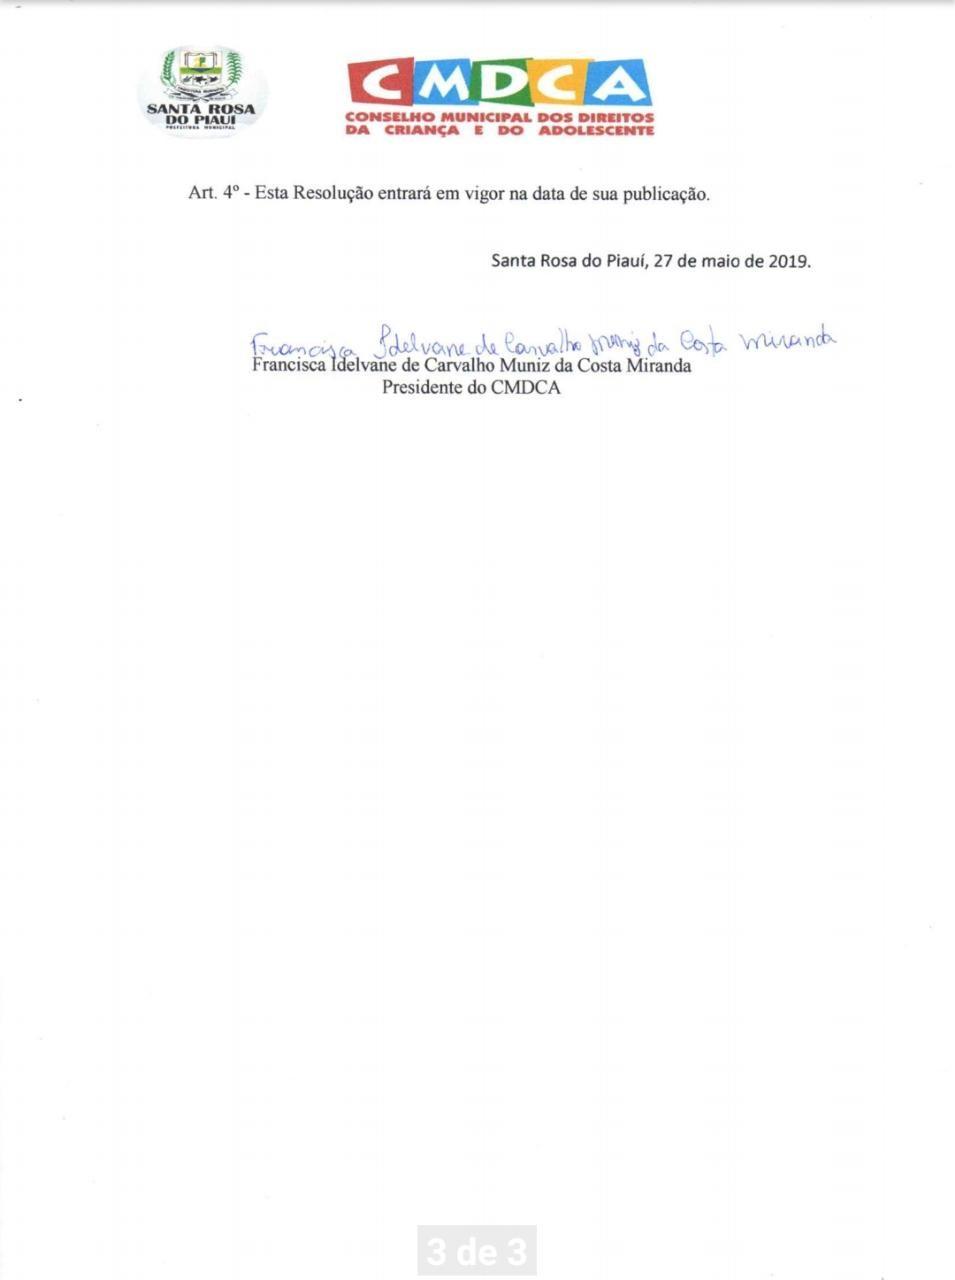 CMDCA de Santa Rosa do Piauí reabre inscrições para eleição unificada do conselho tutelar